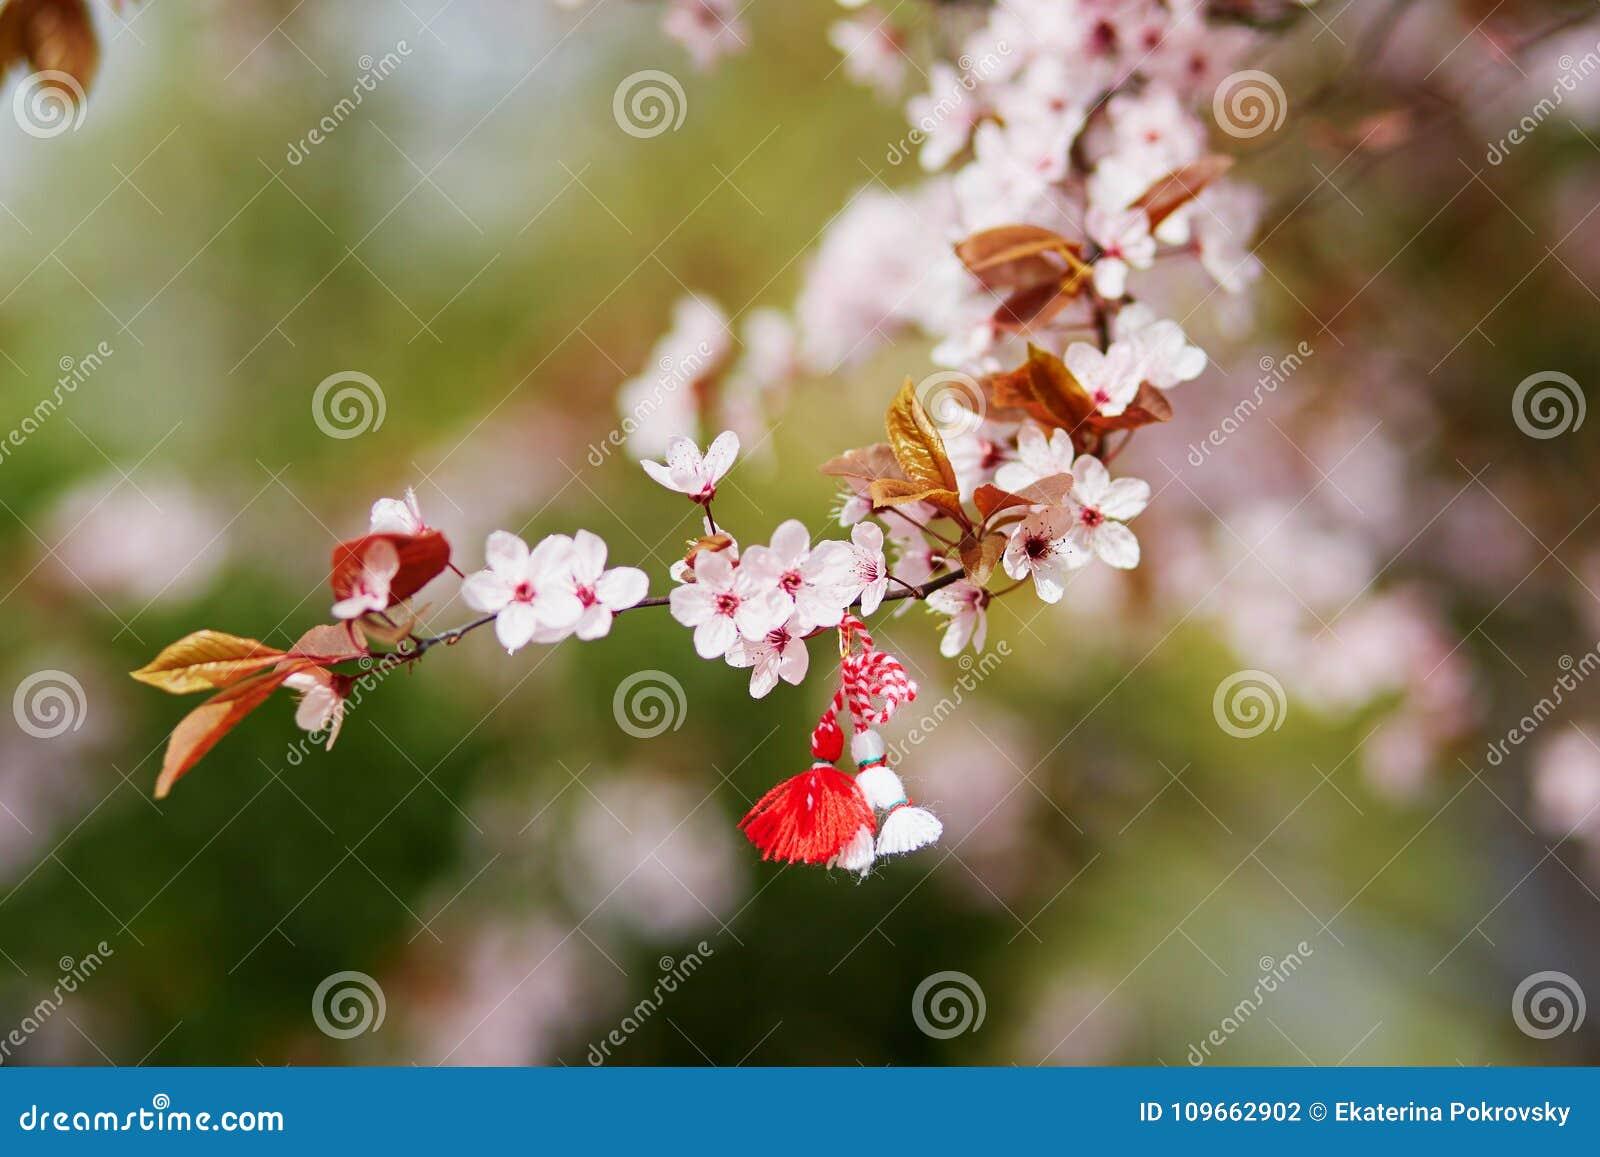 Branche de cerisier avec le martisor, symbole traditionnel de la première journée de printemps